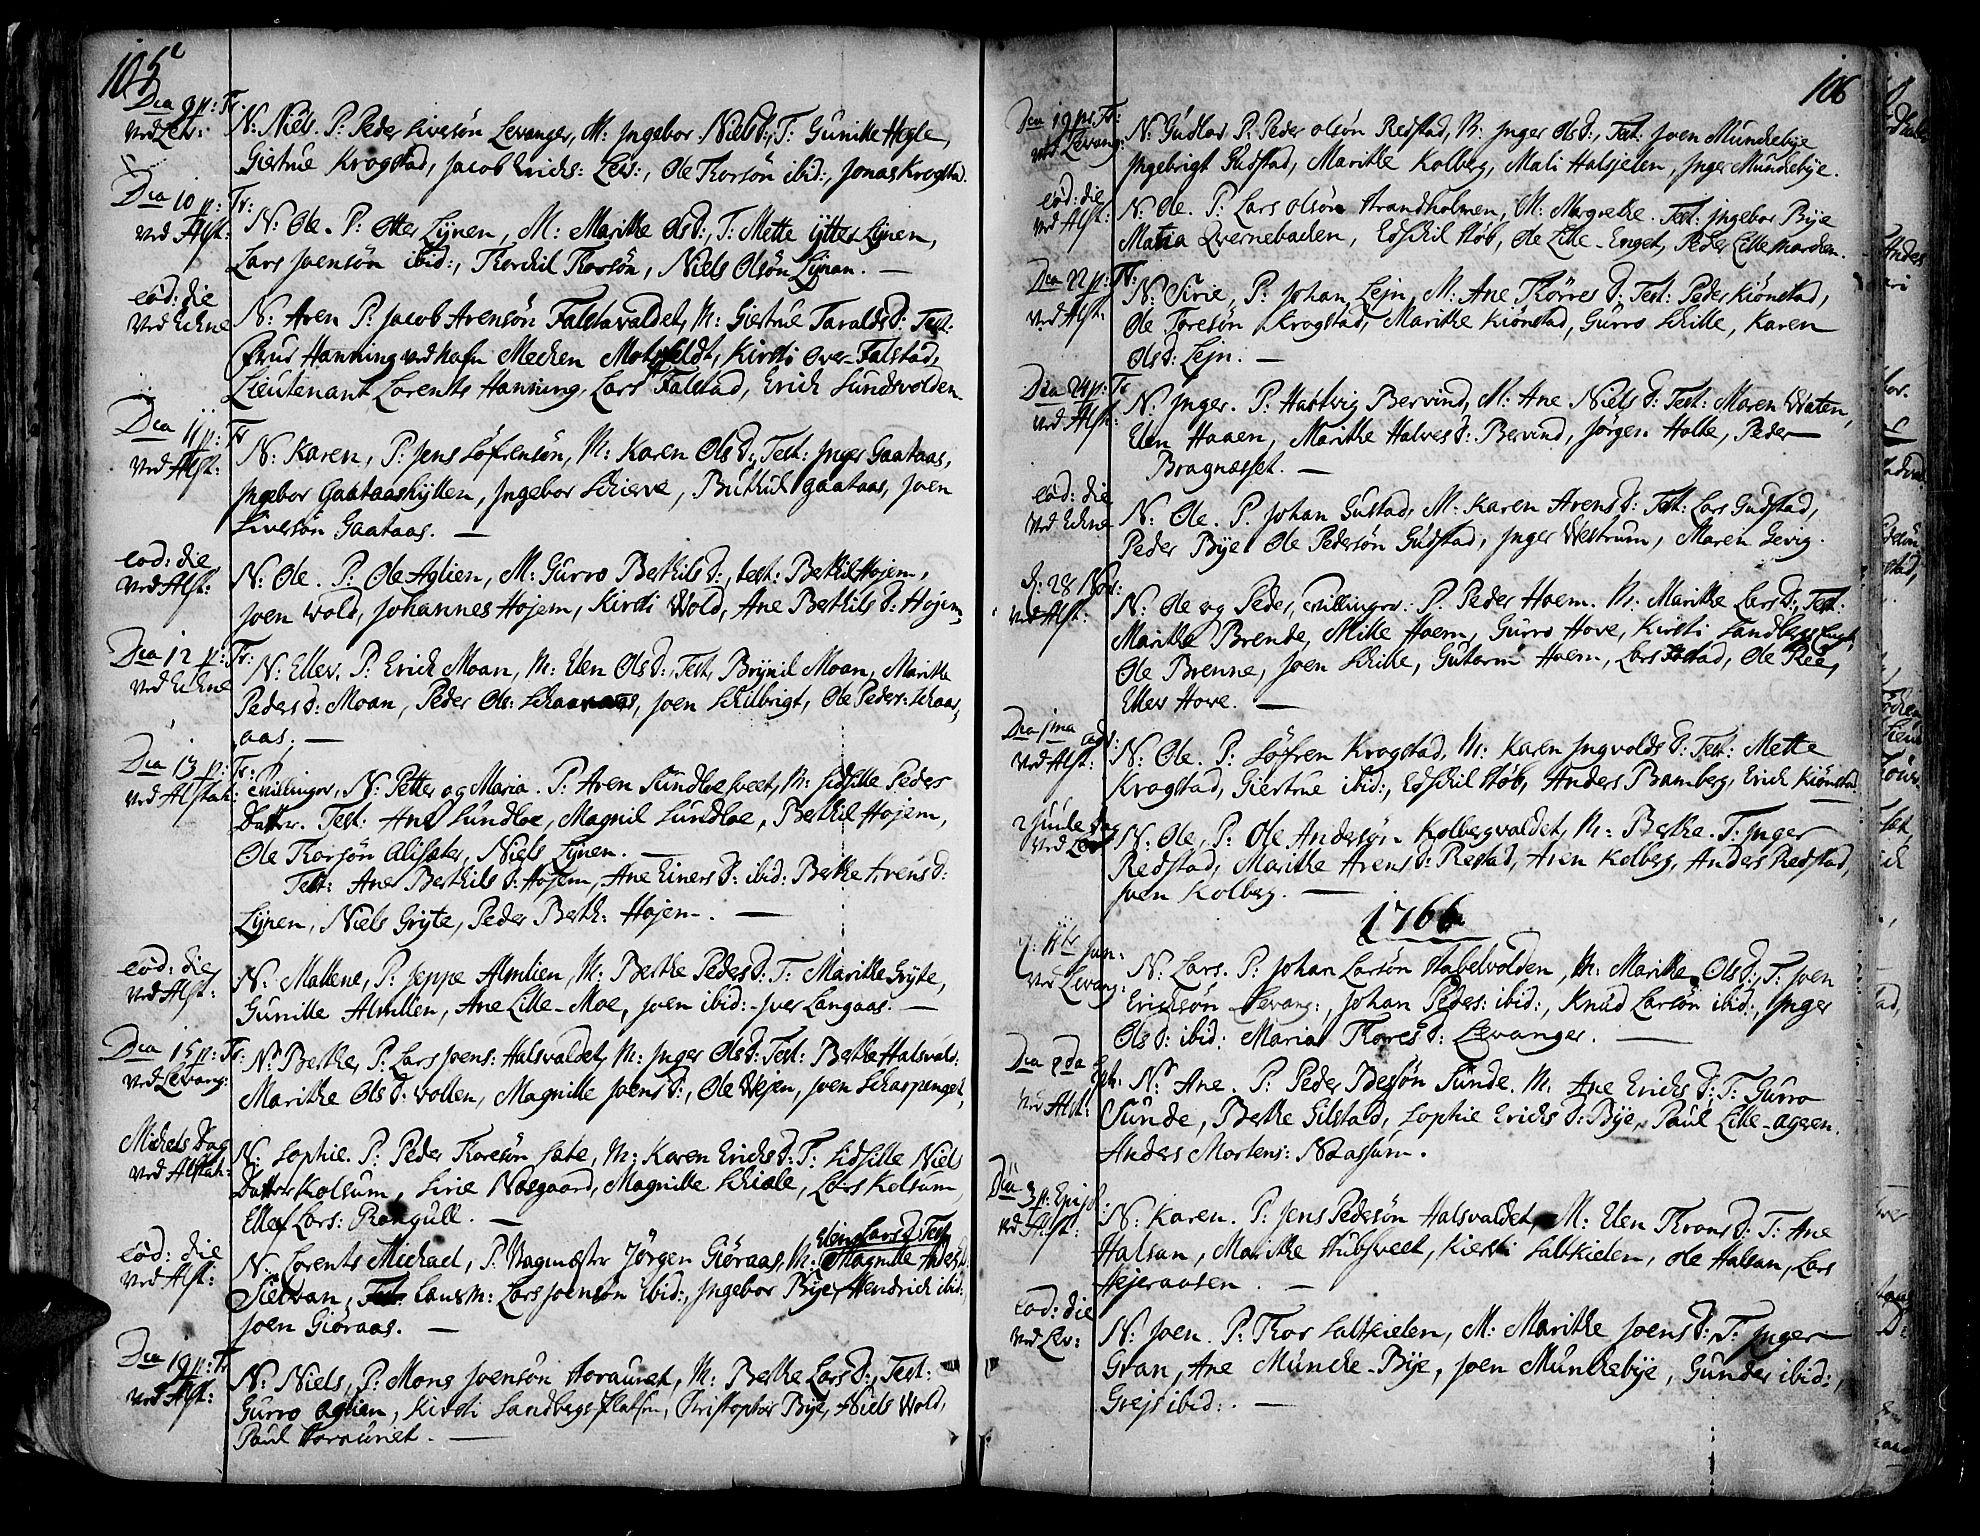 SAT, Ministerialprotokoller, klokkerbøker og fødselsregistre - Nord-Trøndelag, 717/L0141: Ministerialbok nr. 717A01, 1747-1803, s. 105-106